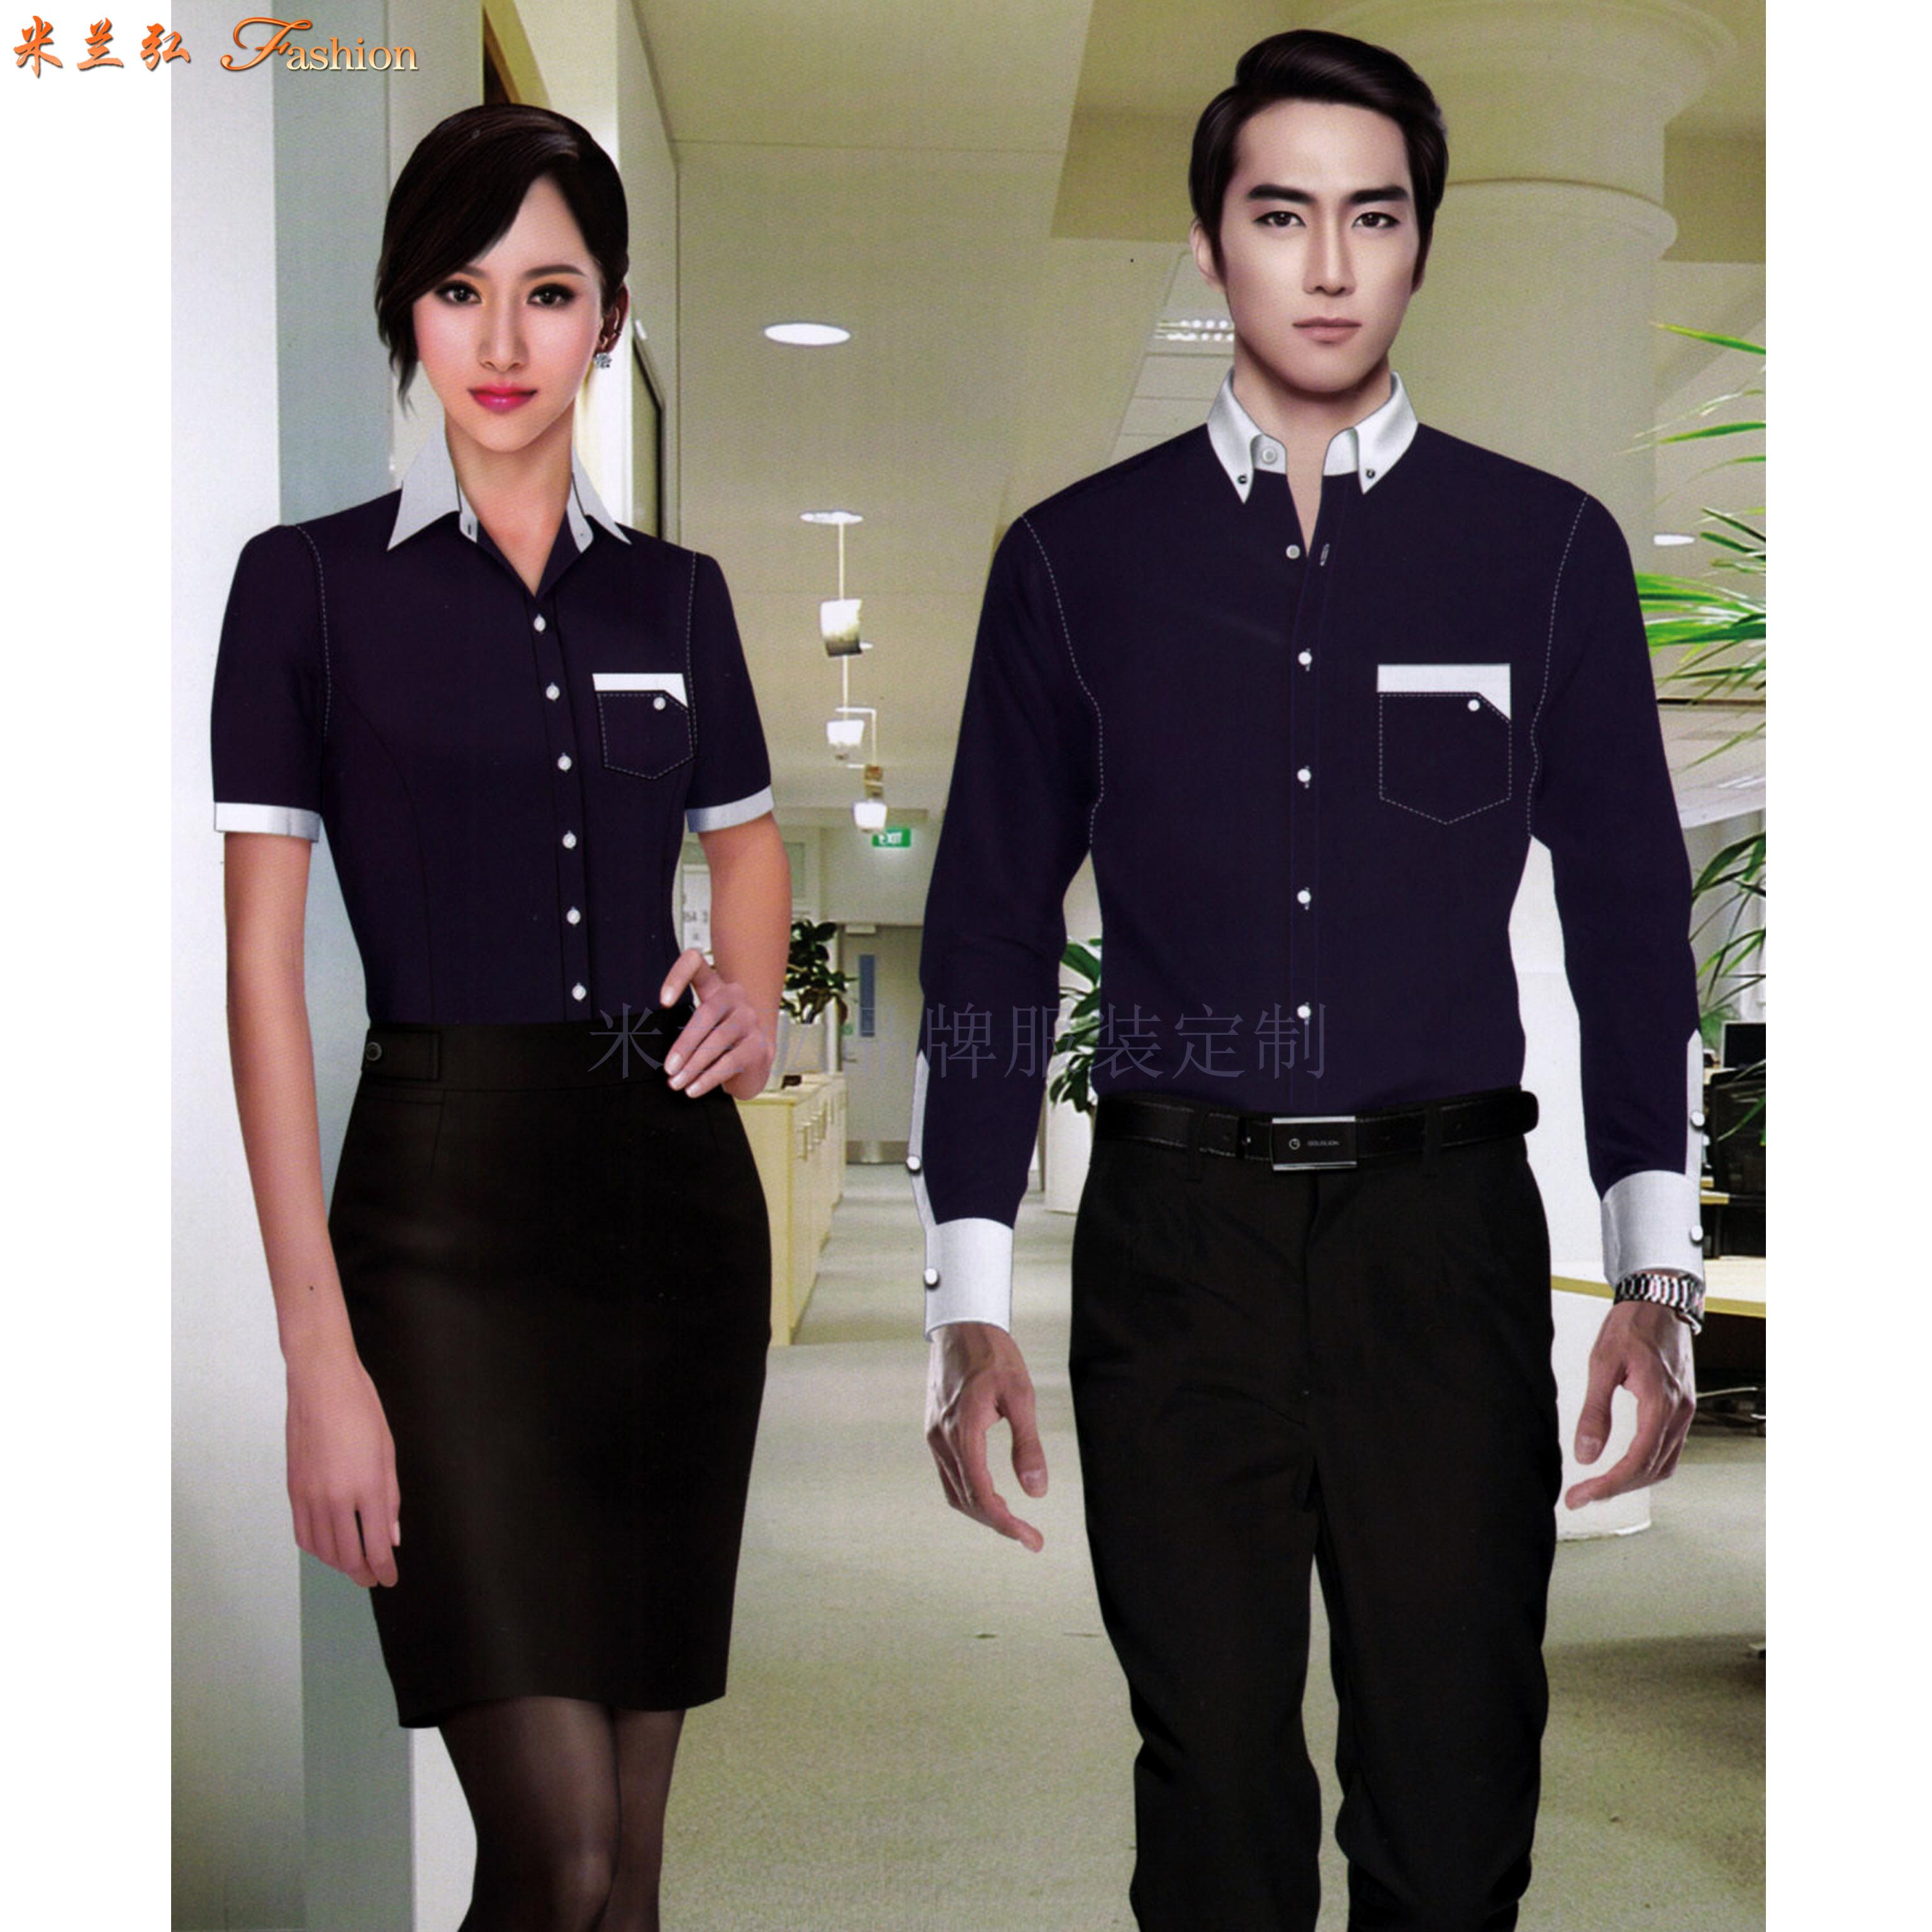 「襯衫搭配」廠家直銷男士女士工作服襯衫搭配款式-米蘭弘服裝-4